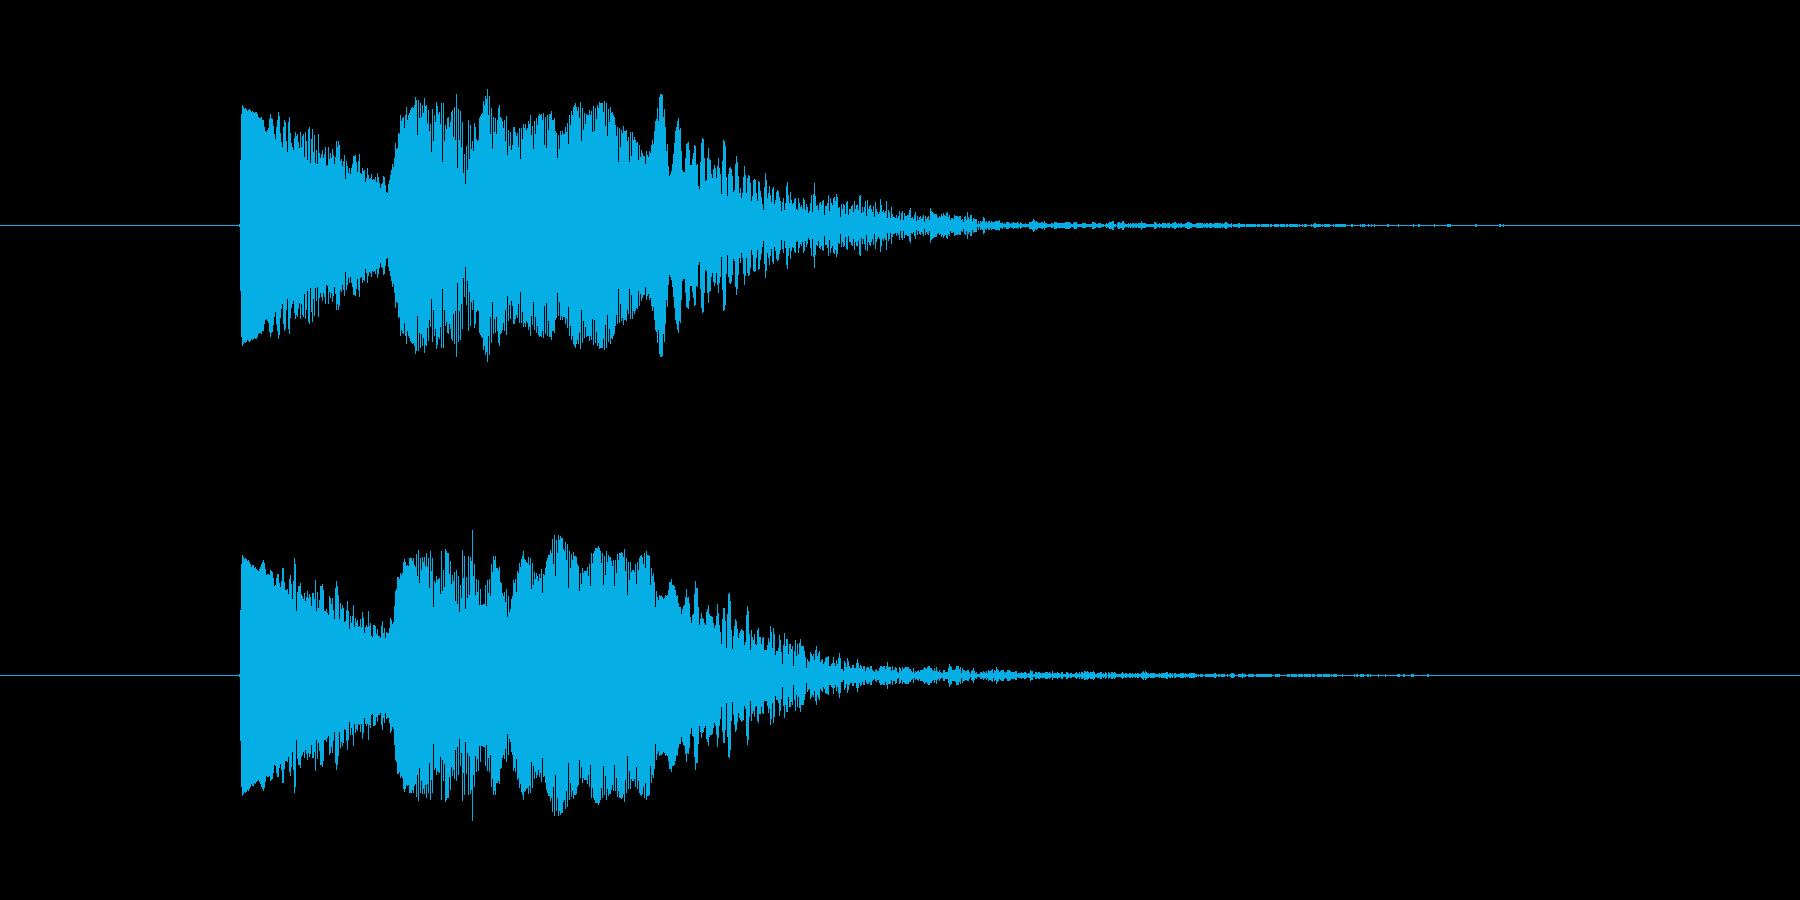 ぷよよん、ぽよん、というイメージの音の再生済みの波形